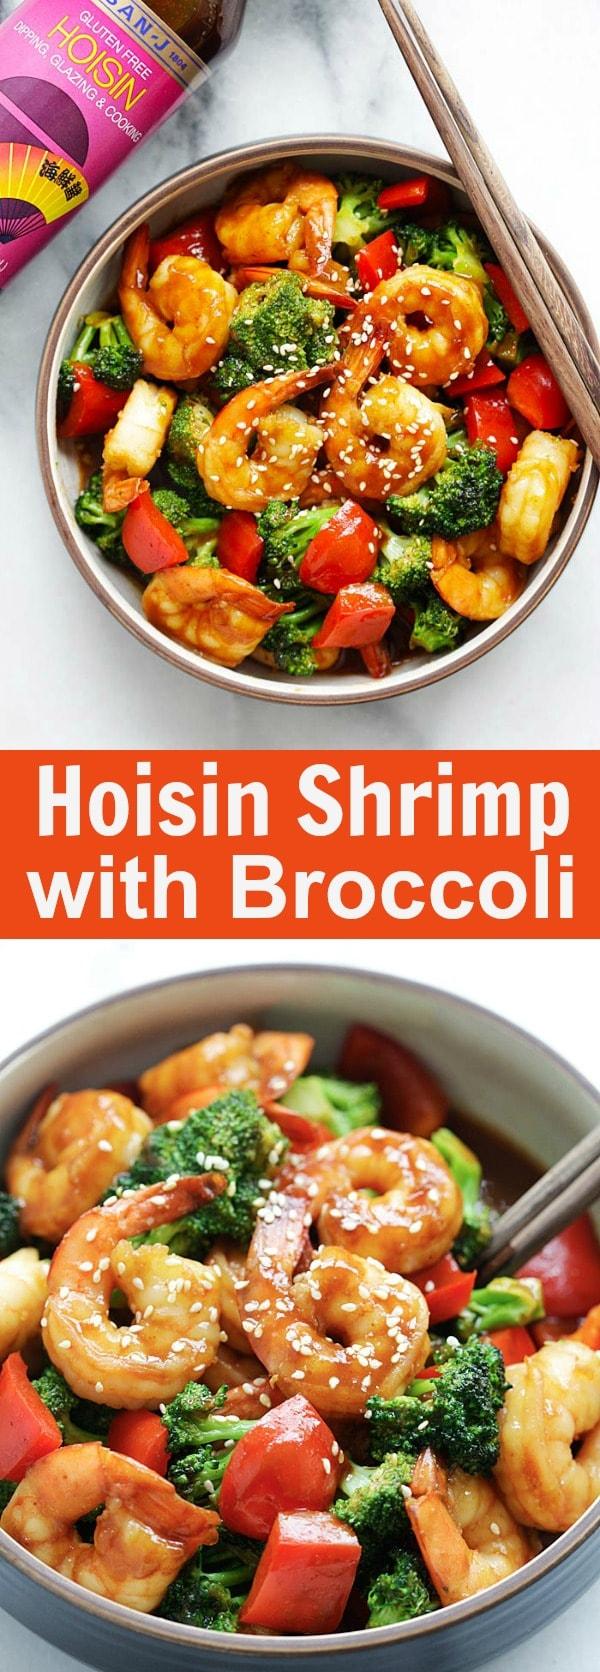 Hoisin Shrimp with Broccoli – Juicy shrimp stir-fry with San-J Hoisin Sauce and healthy broccoli. The easiest dinner for the entire family | rasamalaysia.com